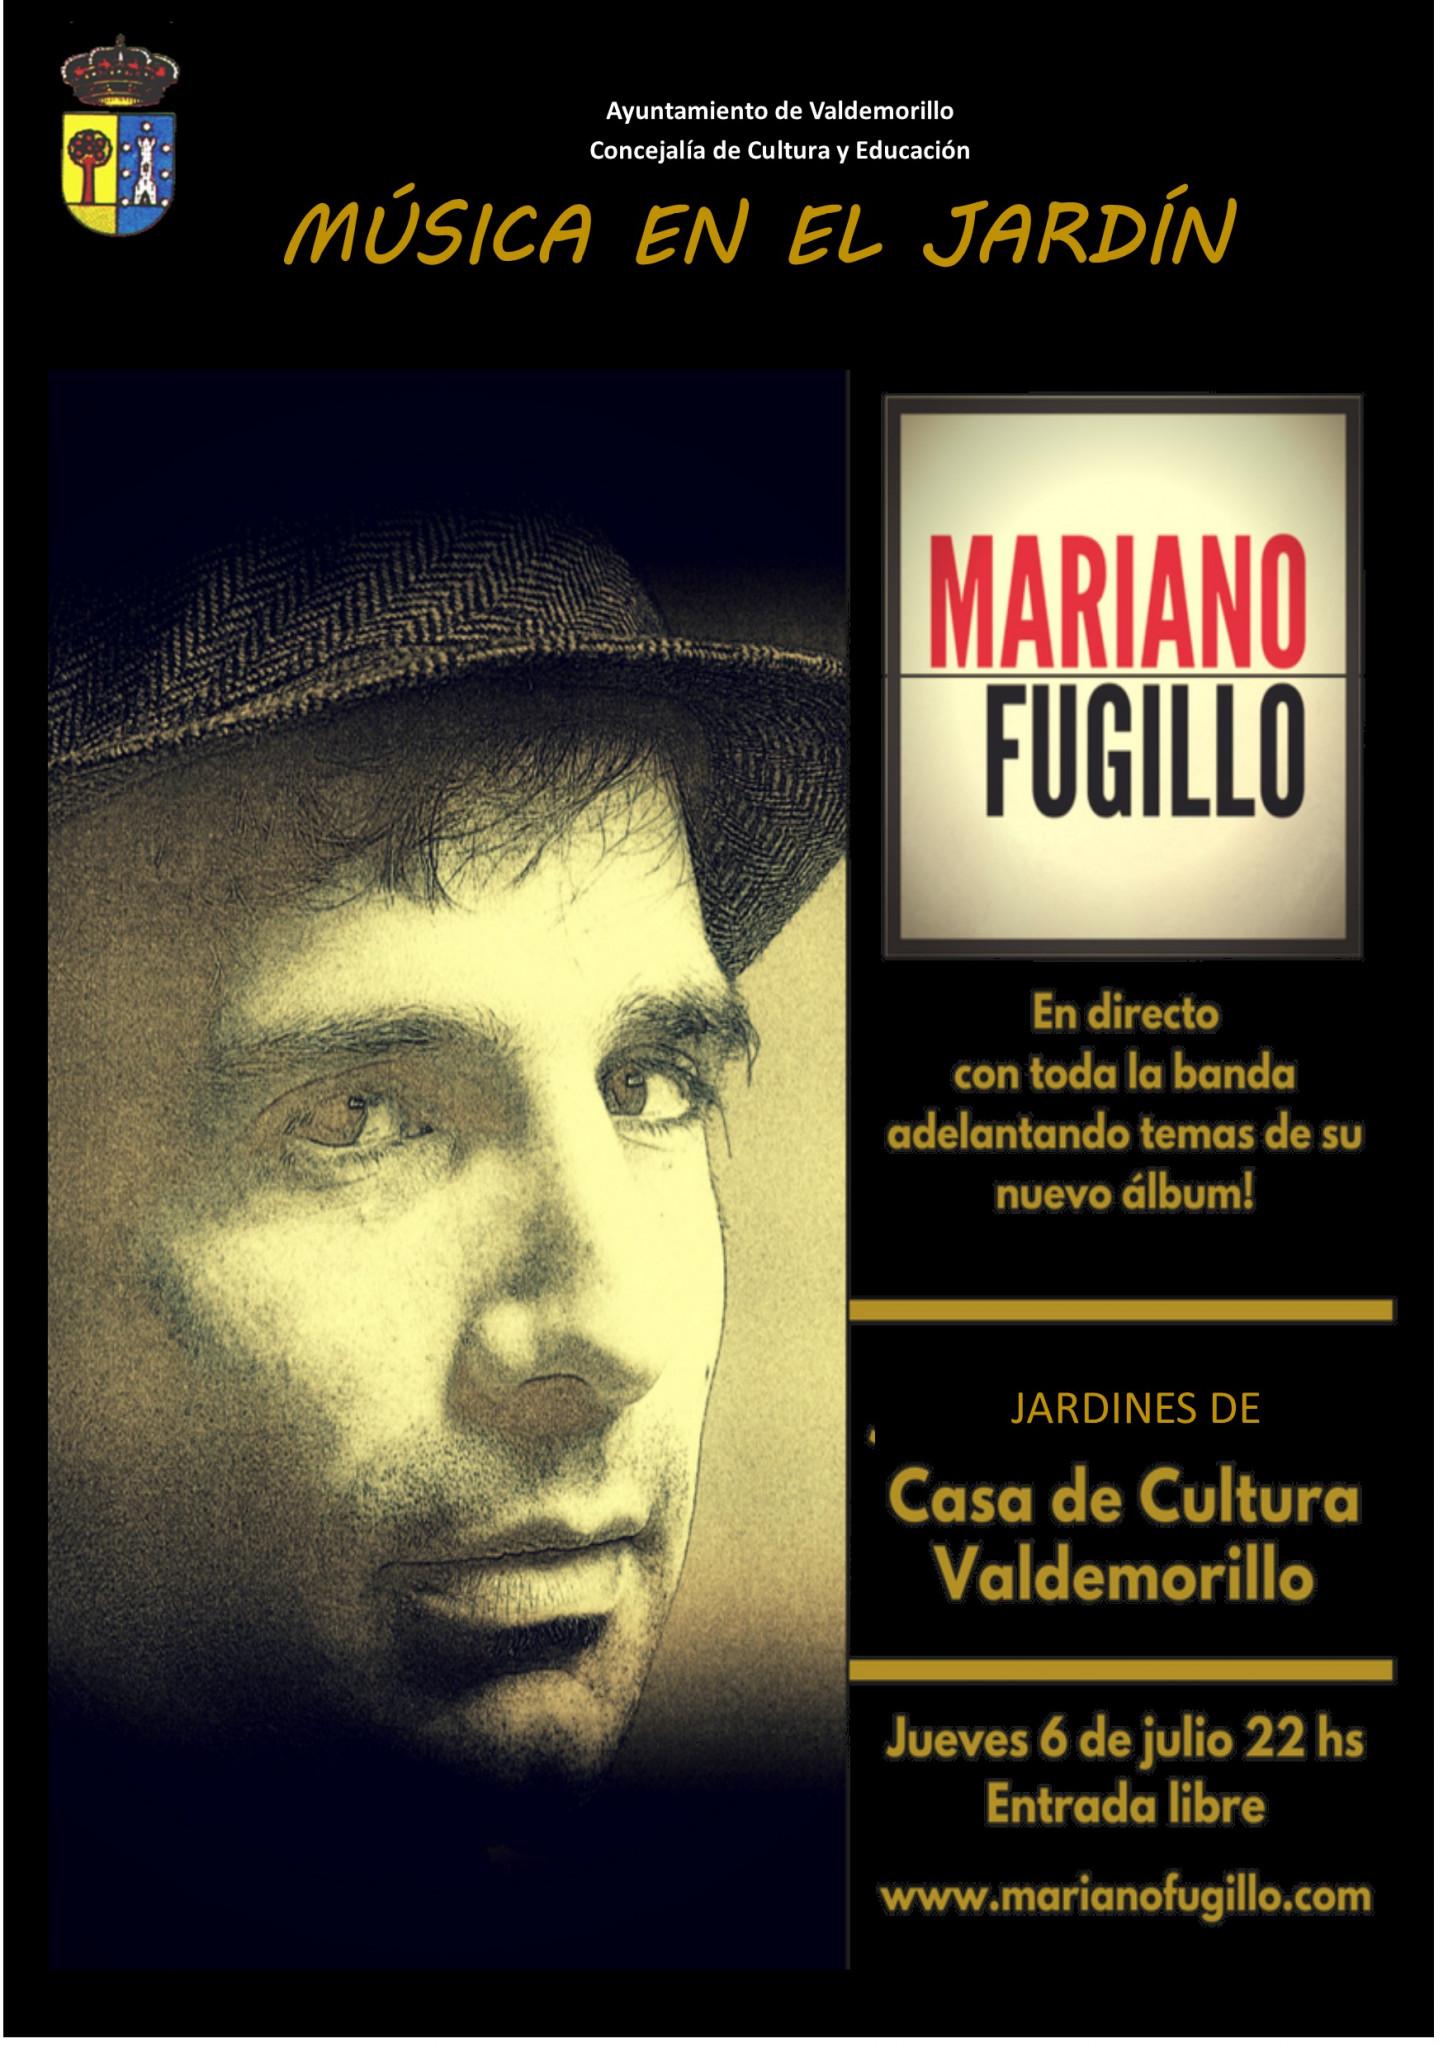 MARIANO FUNGILLO